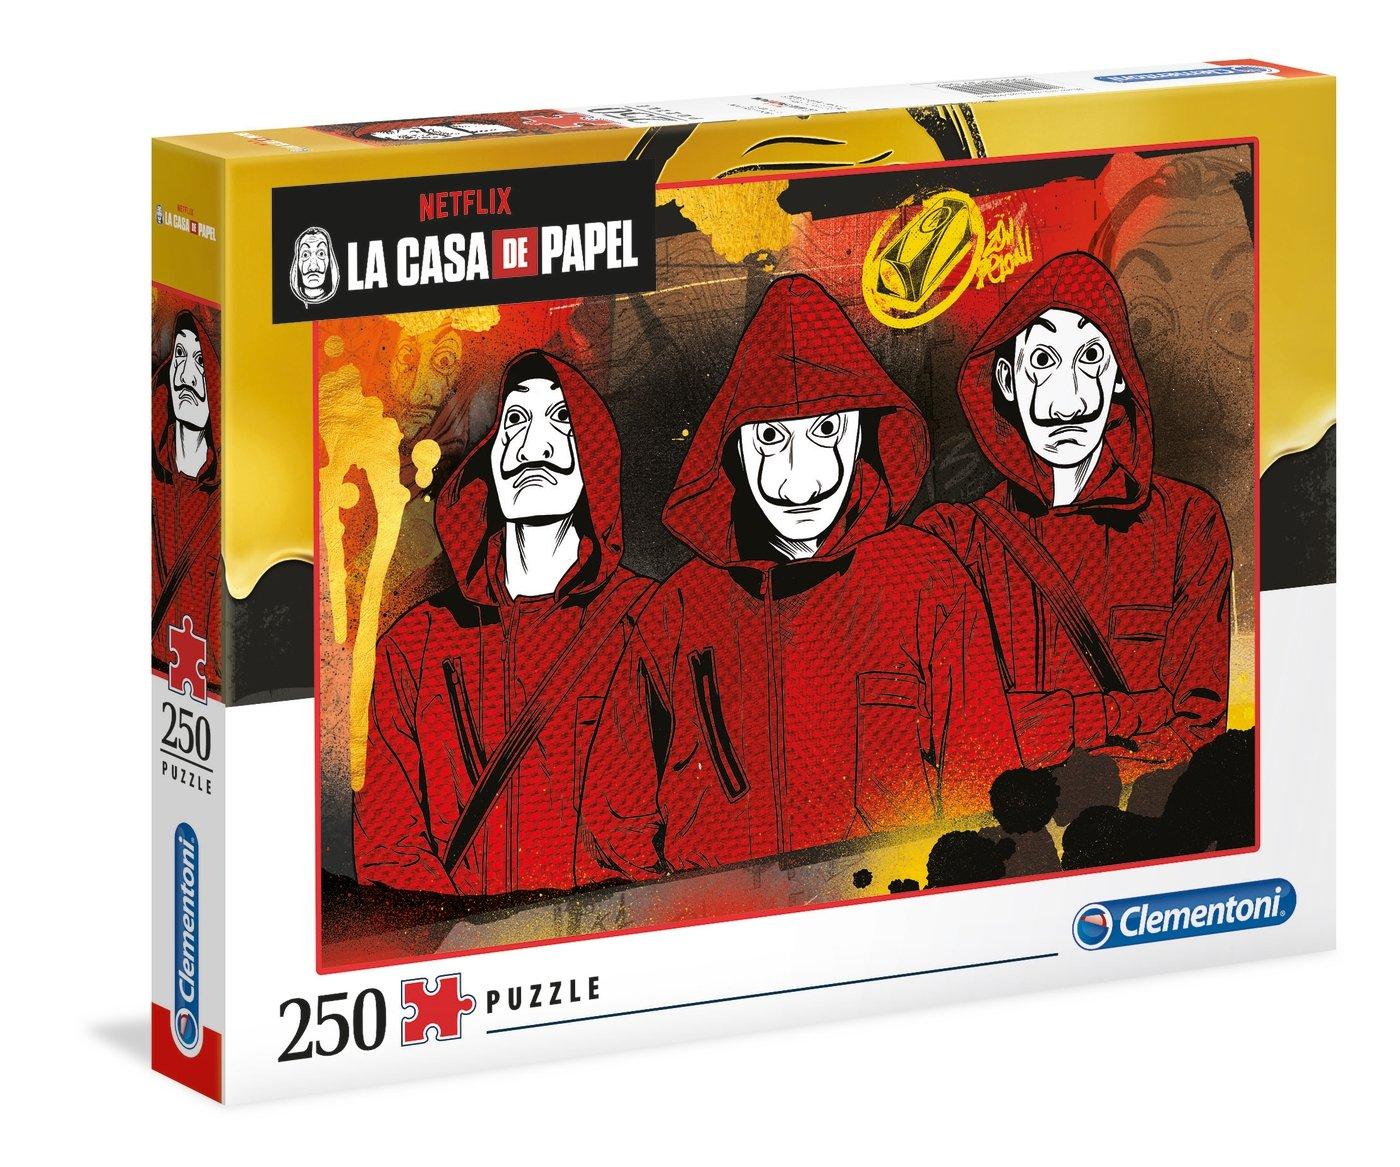 Netflix - La Casa de papel : Puzzle 250 pièces